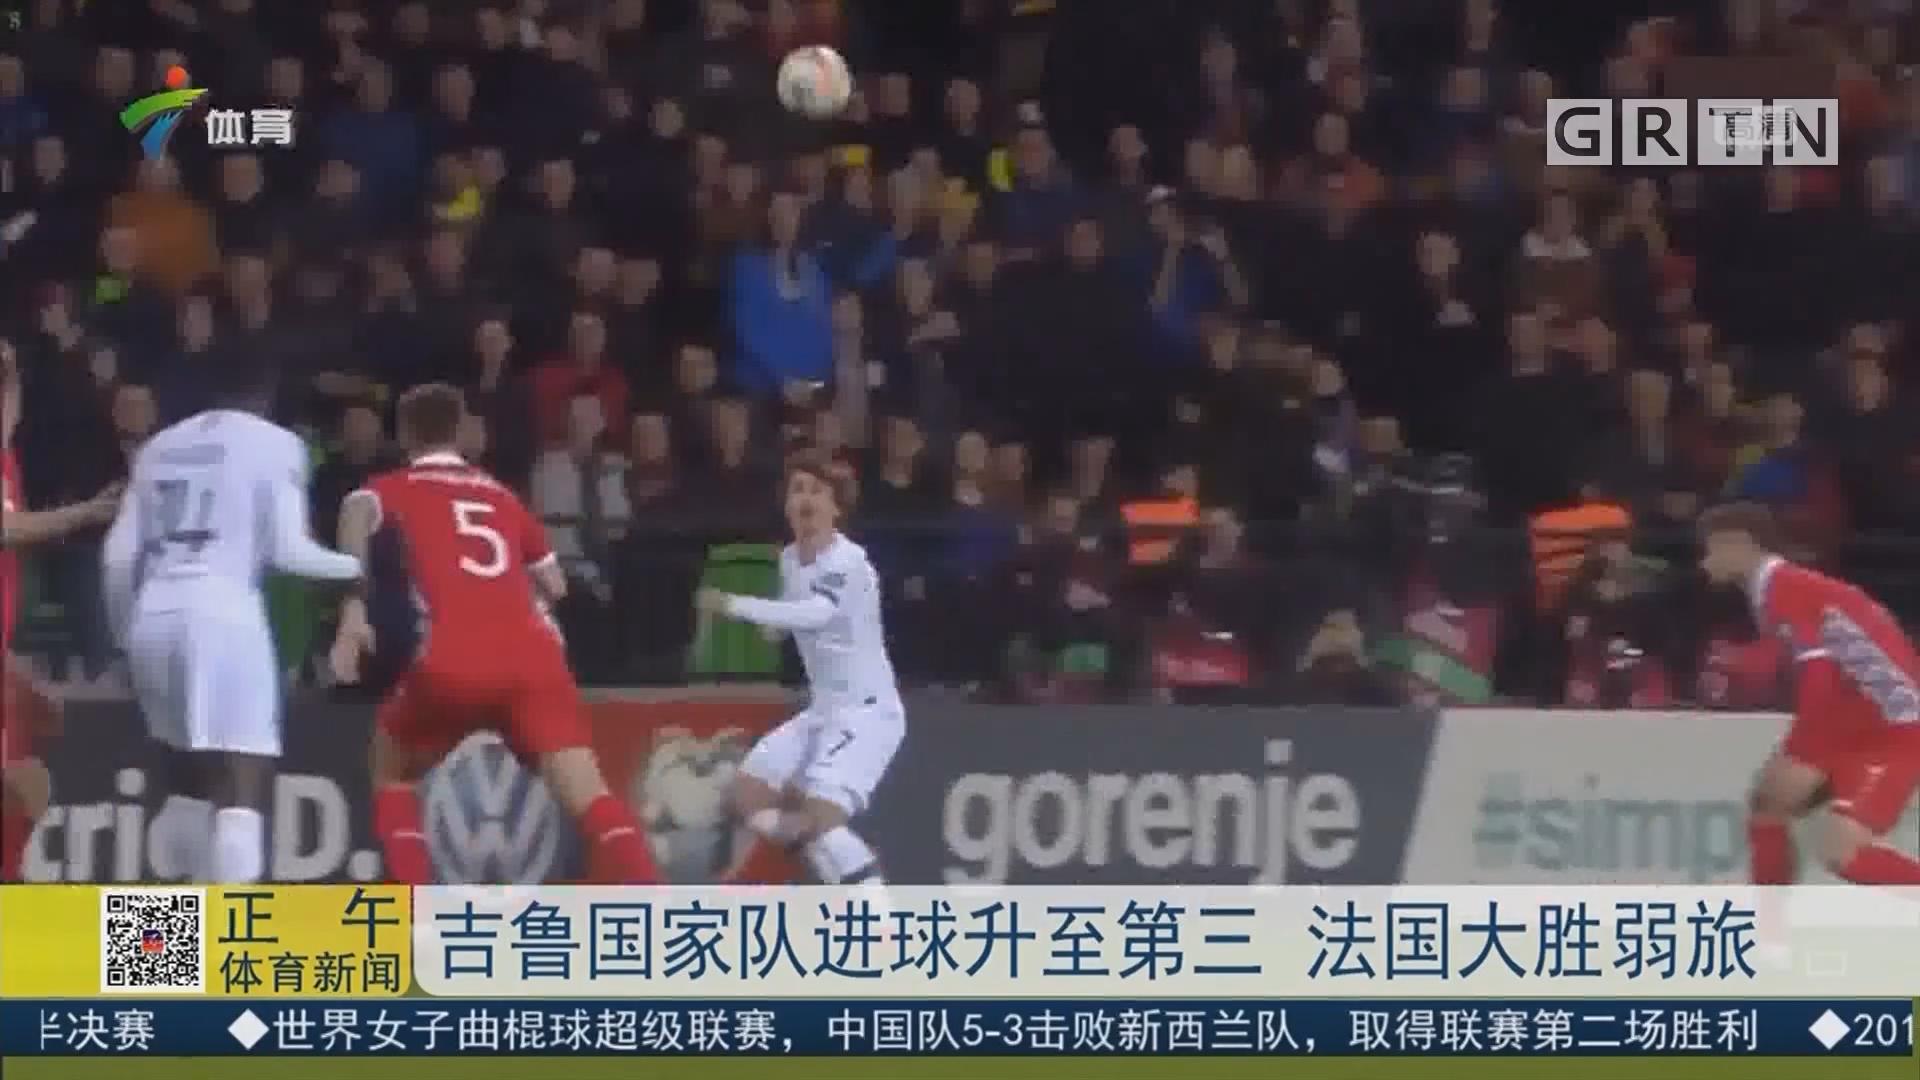 吉鲁国家队进球升至第三 法国大胜弱旅